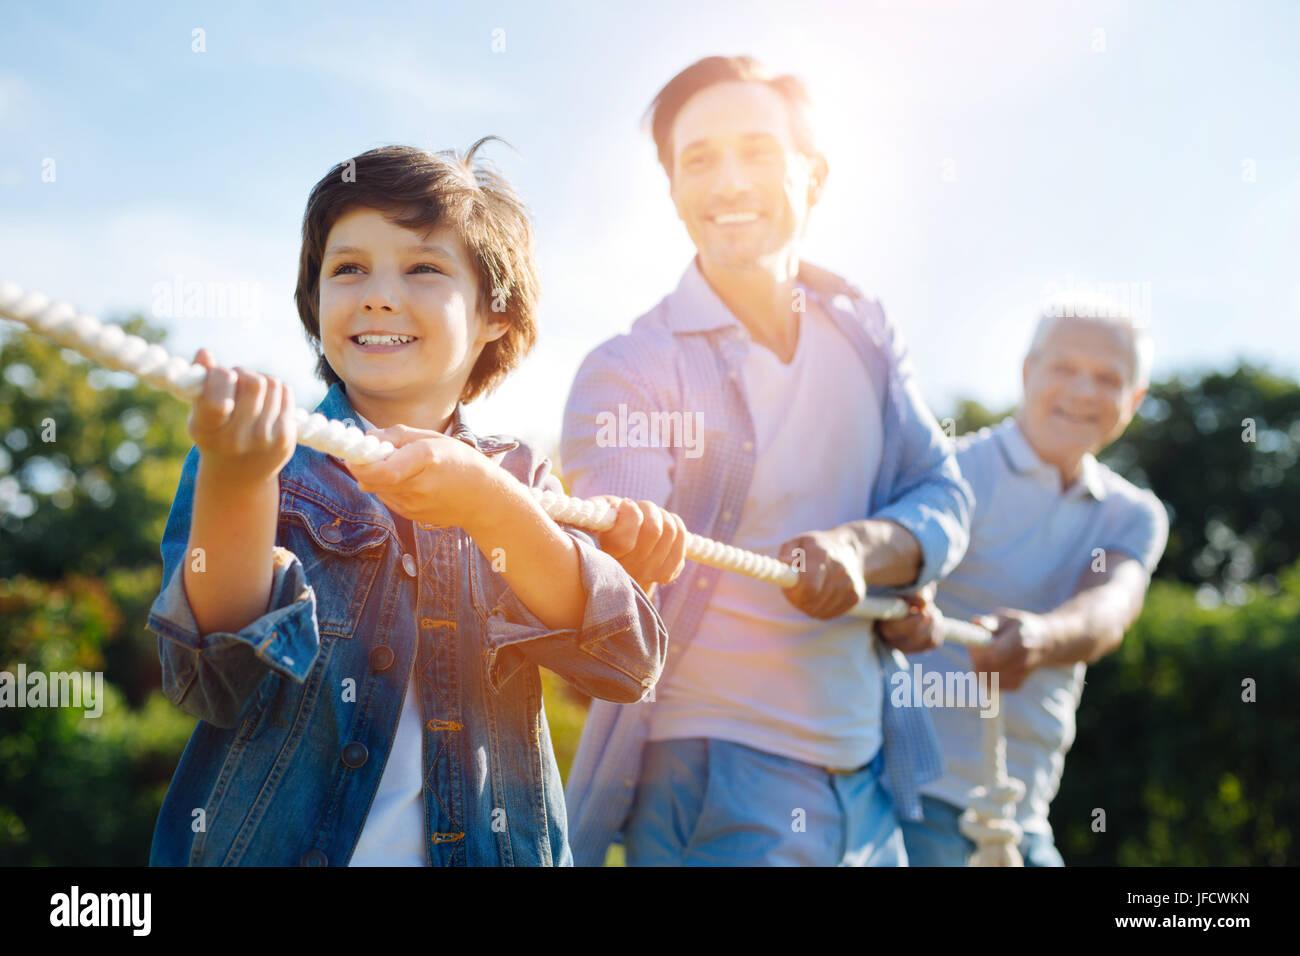 Echte Unterstützung. Begeisterte konzentrierte schöne Familie handeln als Team während des Spielens Stockbild